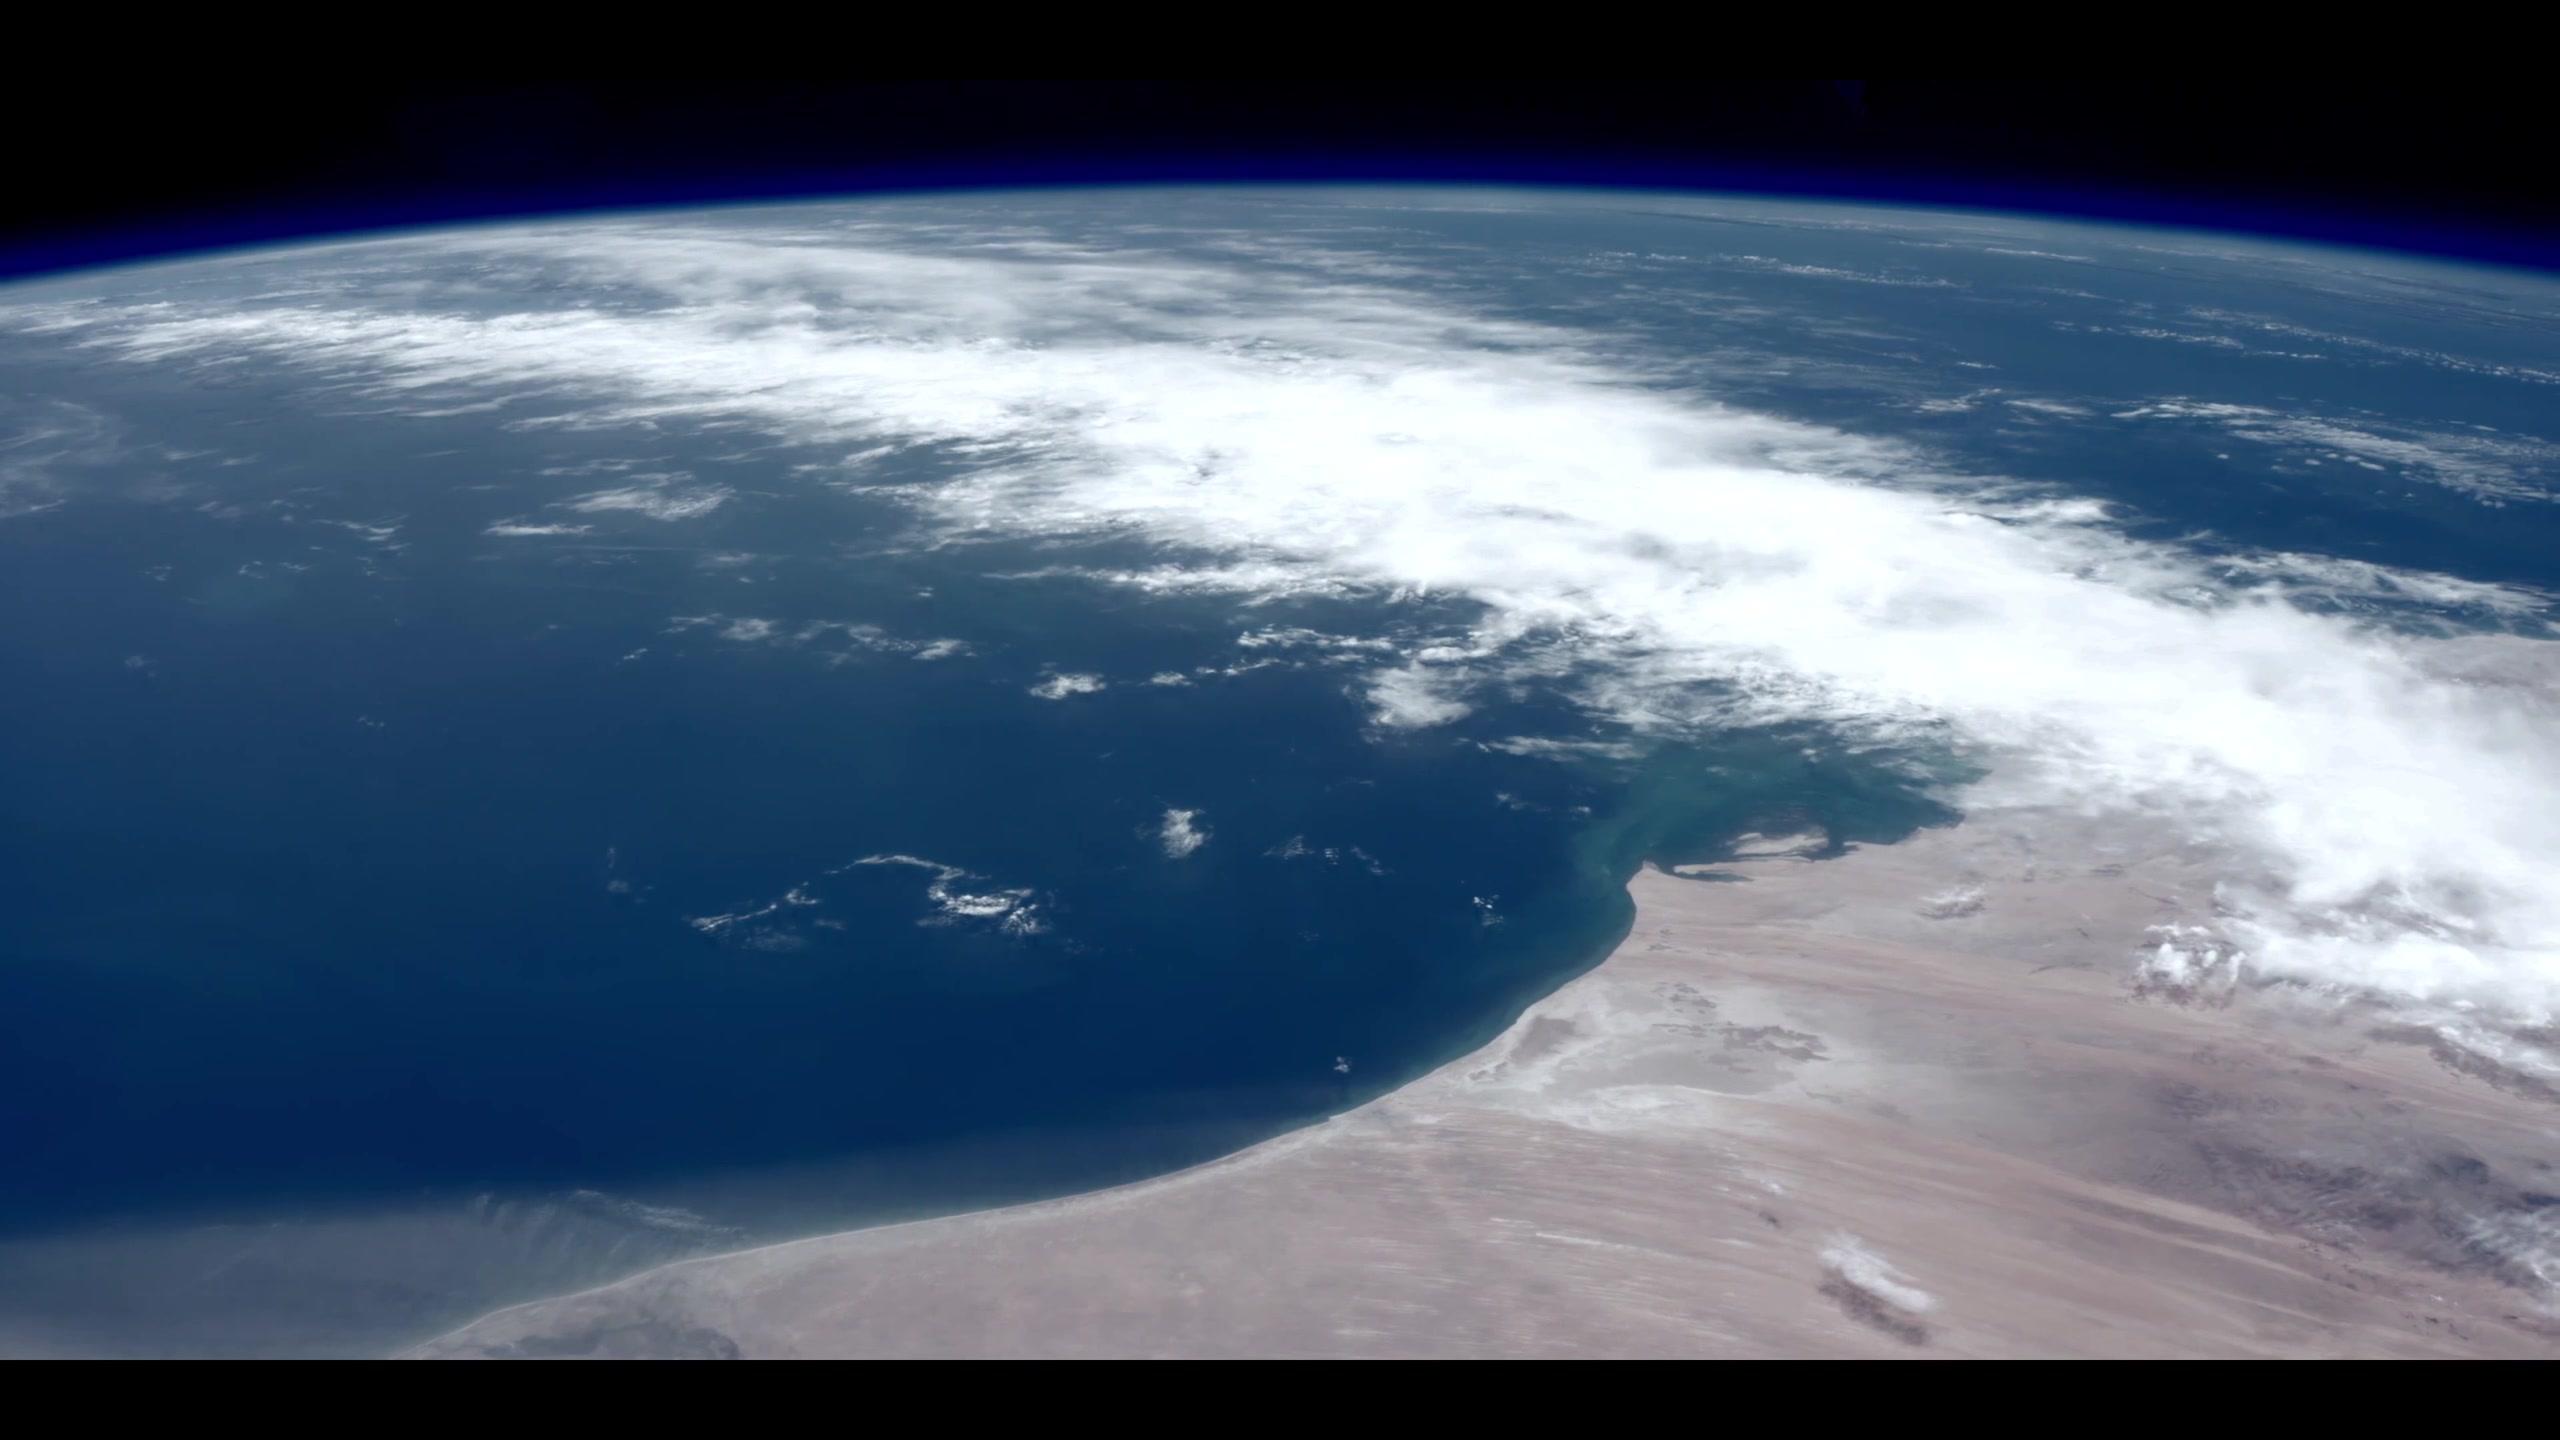 从太空看地球的图片-太空